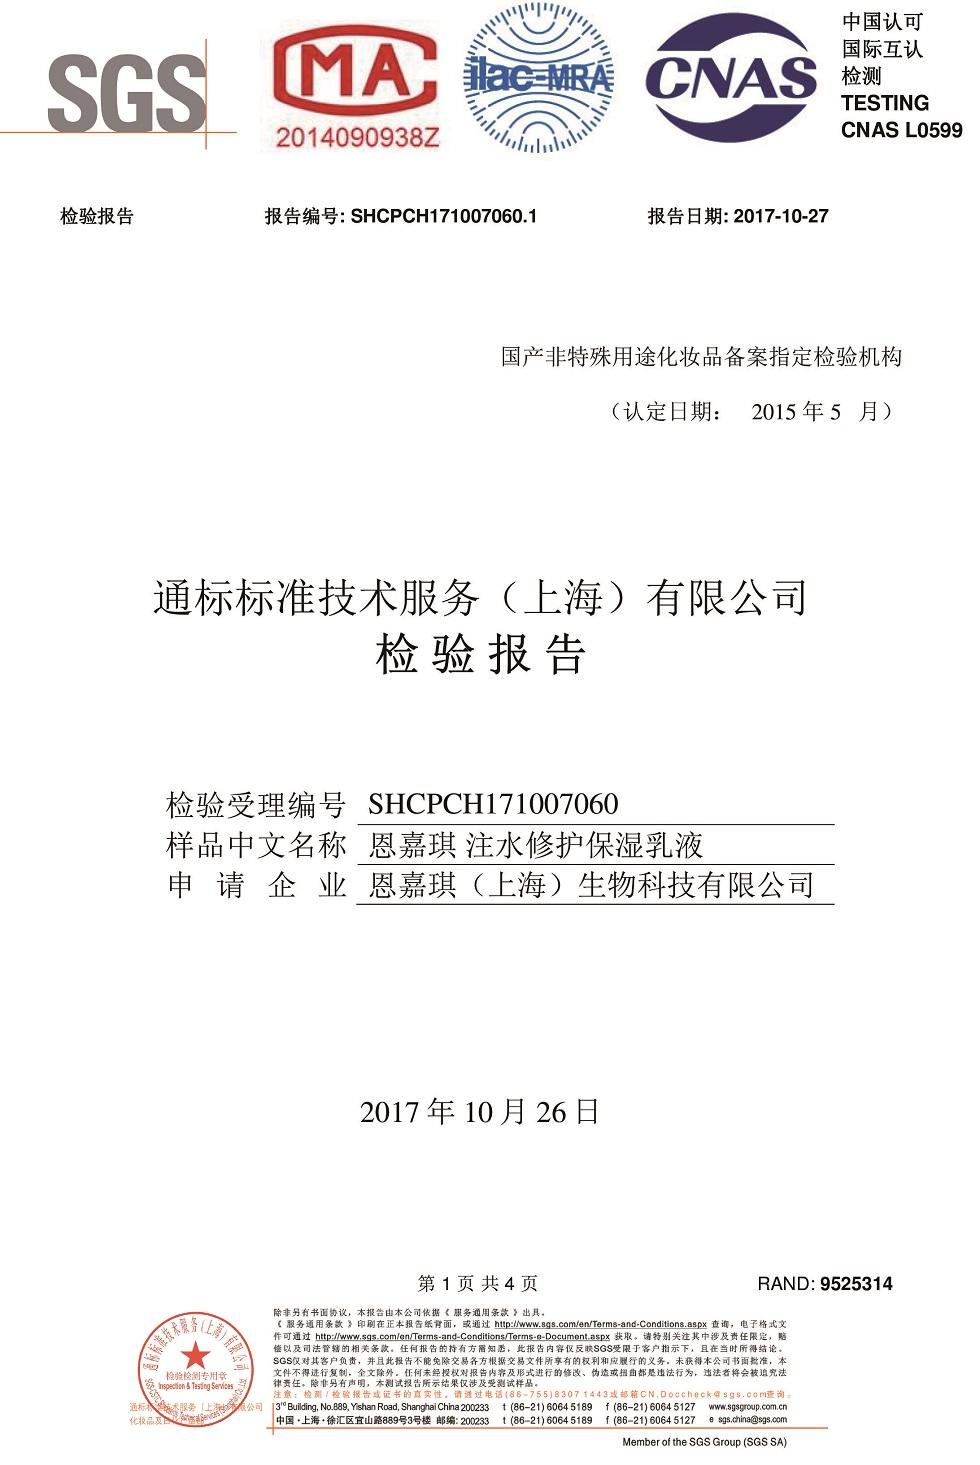 恩嘉琪·N+7注水修护保湿水乳系列 SGS检验报告